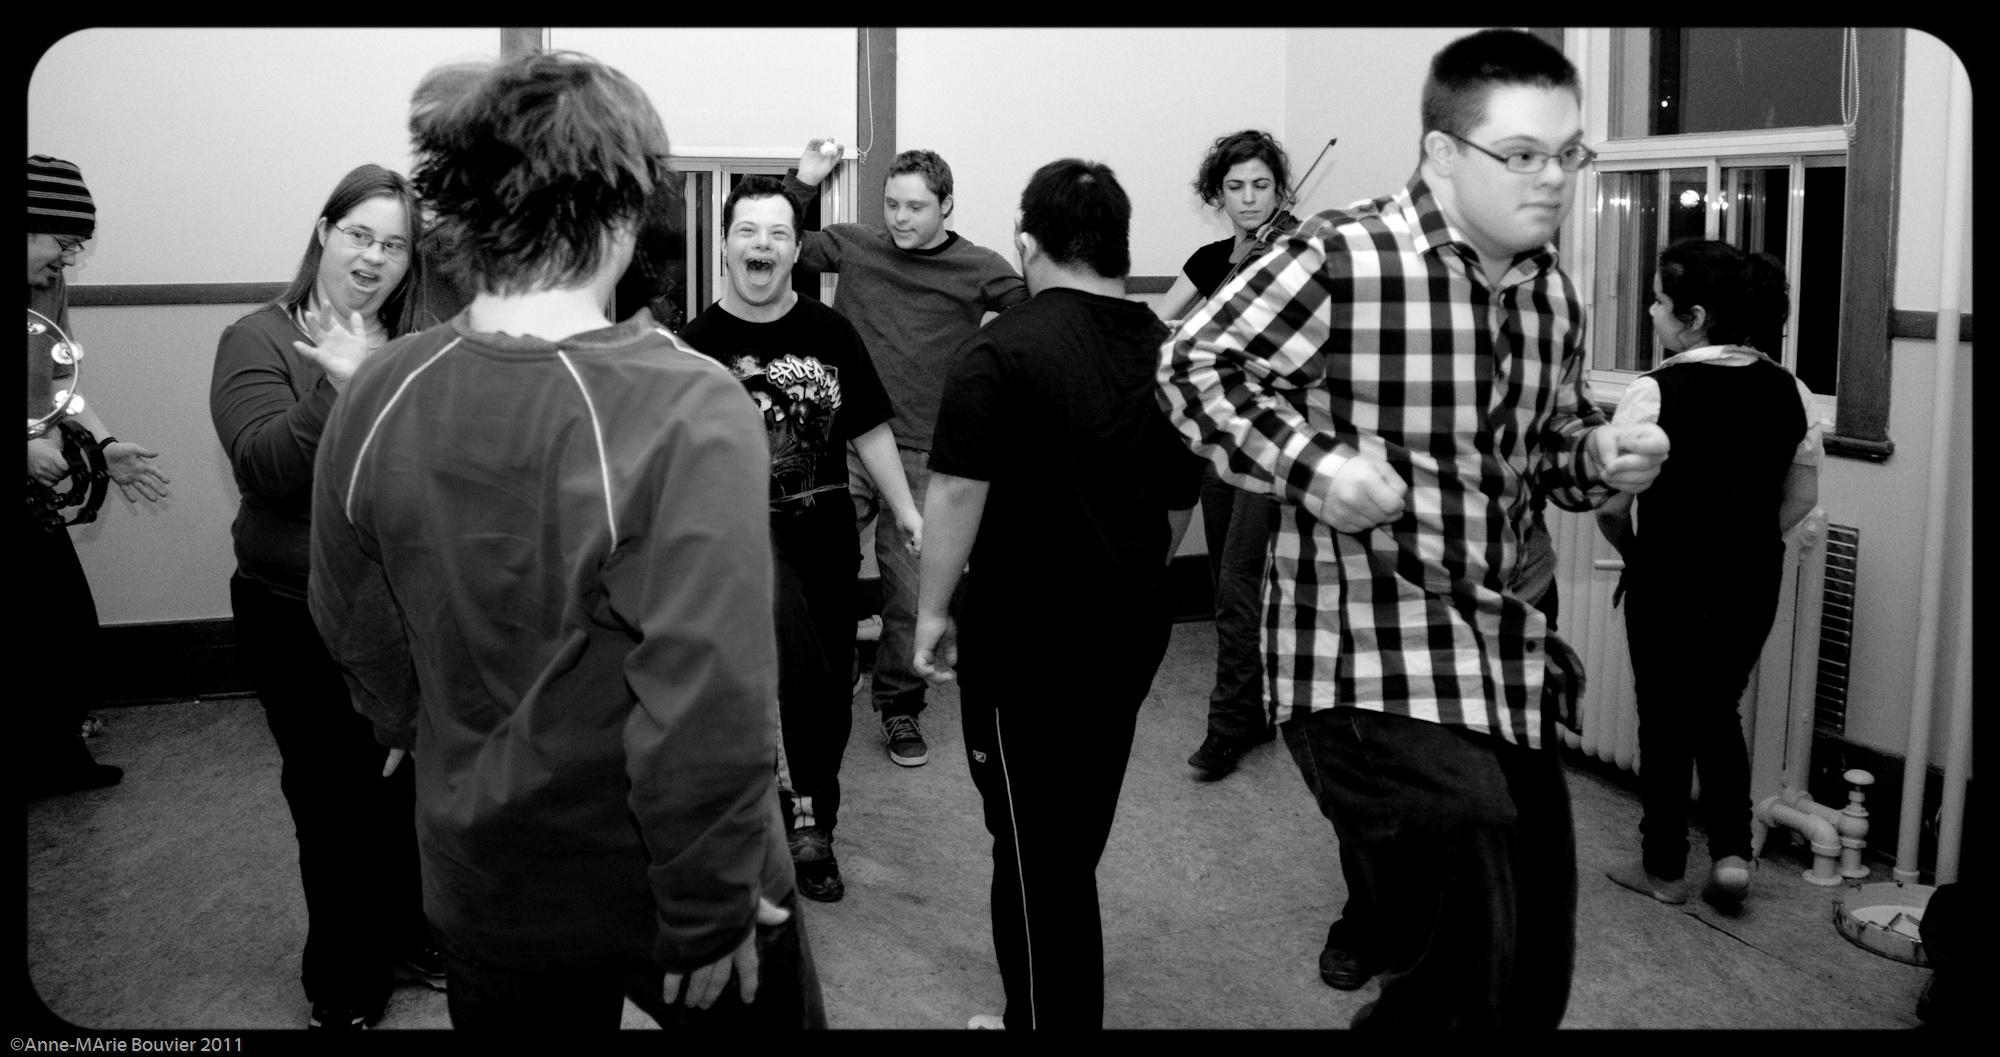 Atelier théâtrale du Regroupement de la trisomie 21, Montréal 2011 ©Anne-Marie Bouvier